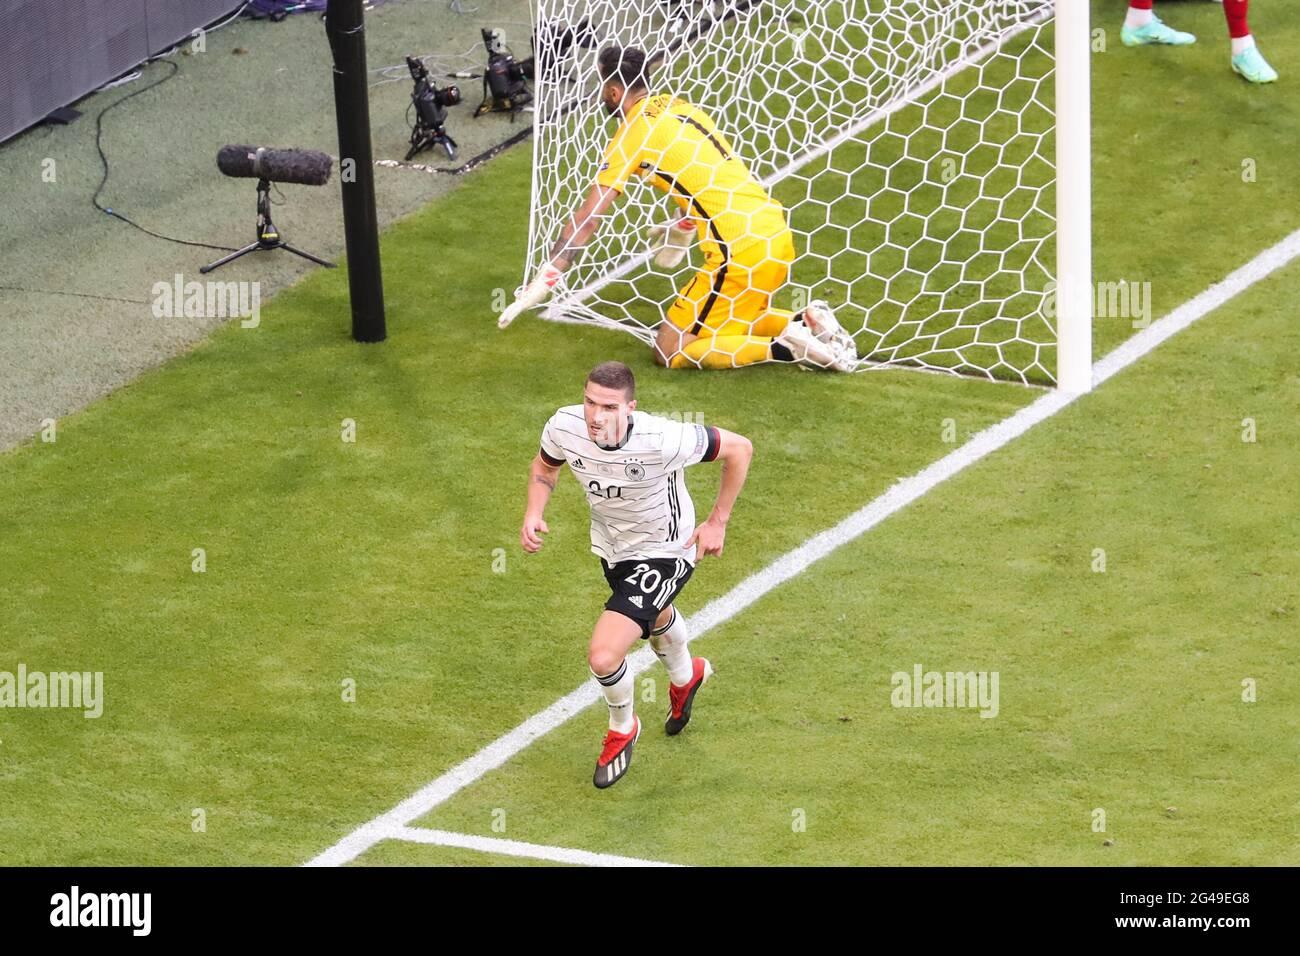 Munich, Allemagne. 19 juin 2021. Robin Gosens (en bas) d'Allemagne célèbre son score lors du match de championnat F de l'UEFA Euro 2020 entre le Portugal et l'Allemagne à Munich, en Allemagne, le 19 juin 2021. Credit: Shan Yuqi/Xinhua/Alay Live News Banque D'Images